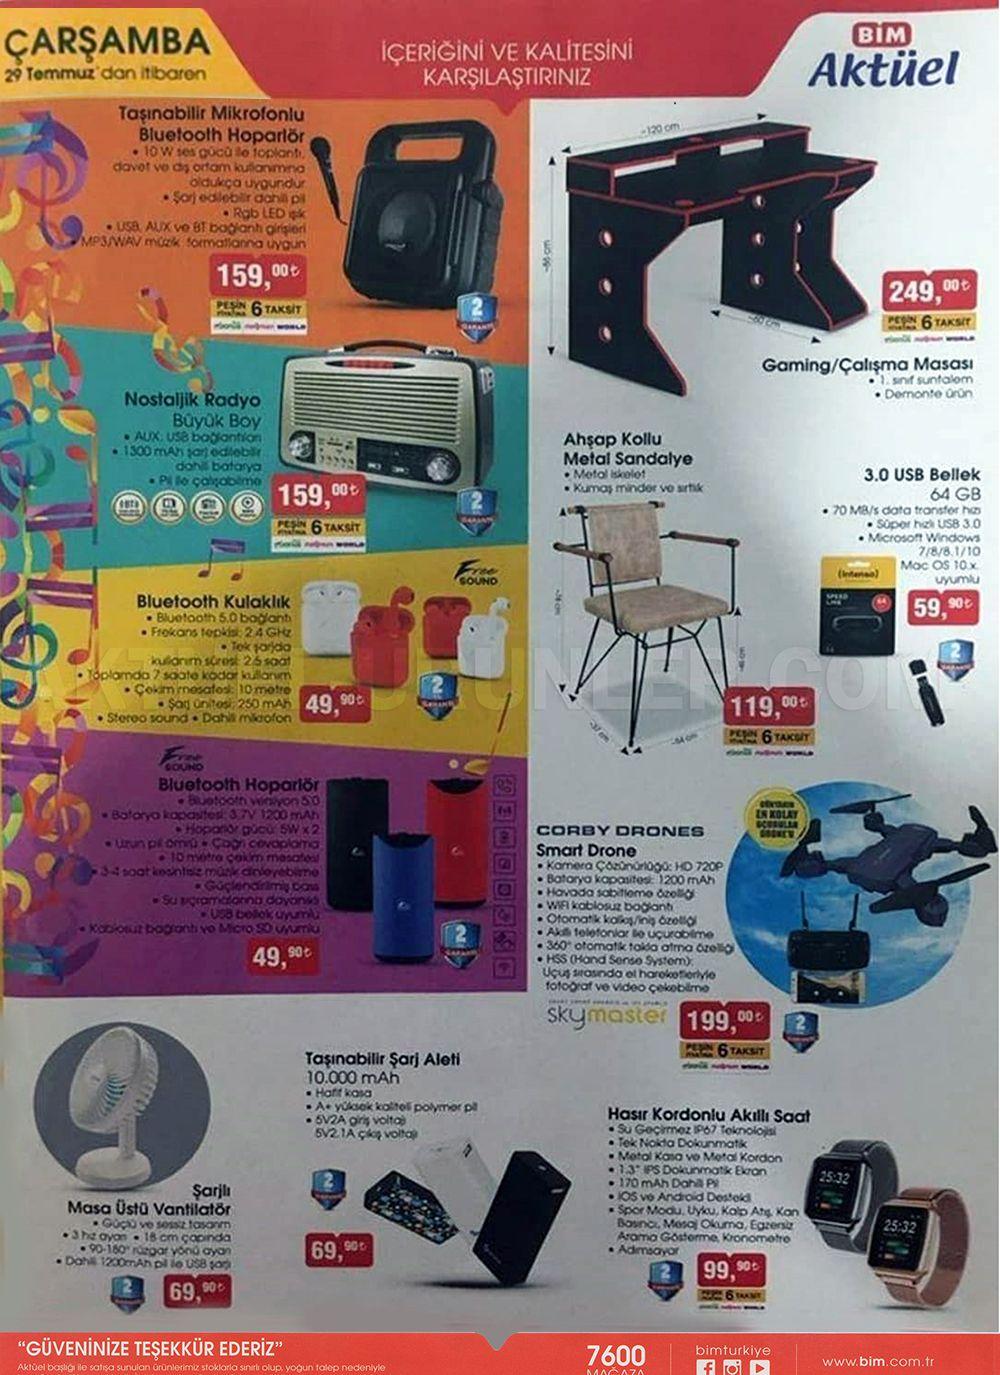 Bim-Aktuel-29-Temmuz-31-Temmuz-Aktuel-Elektronik-Katalogu